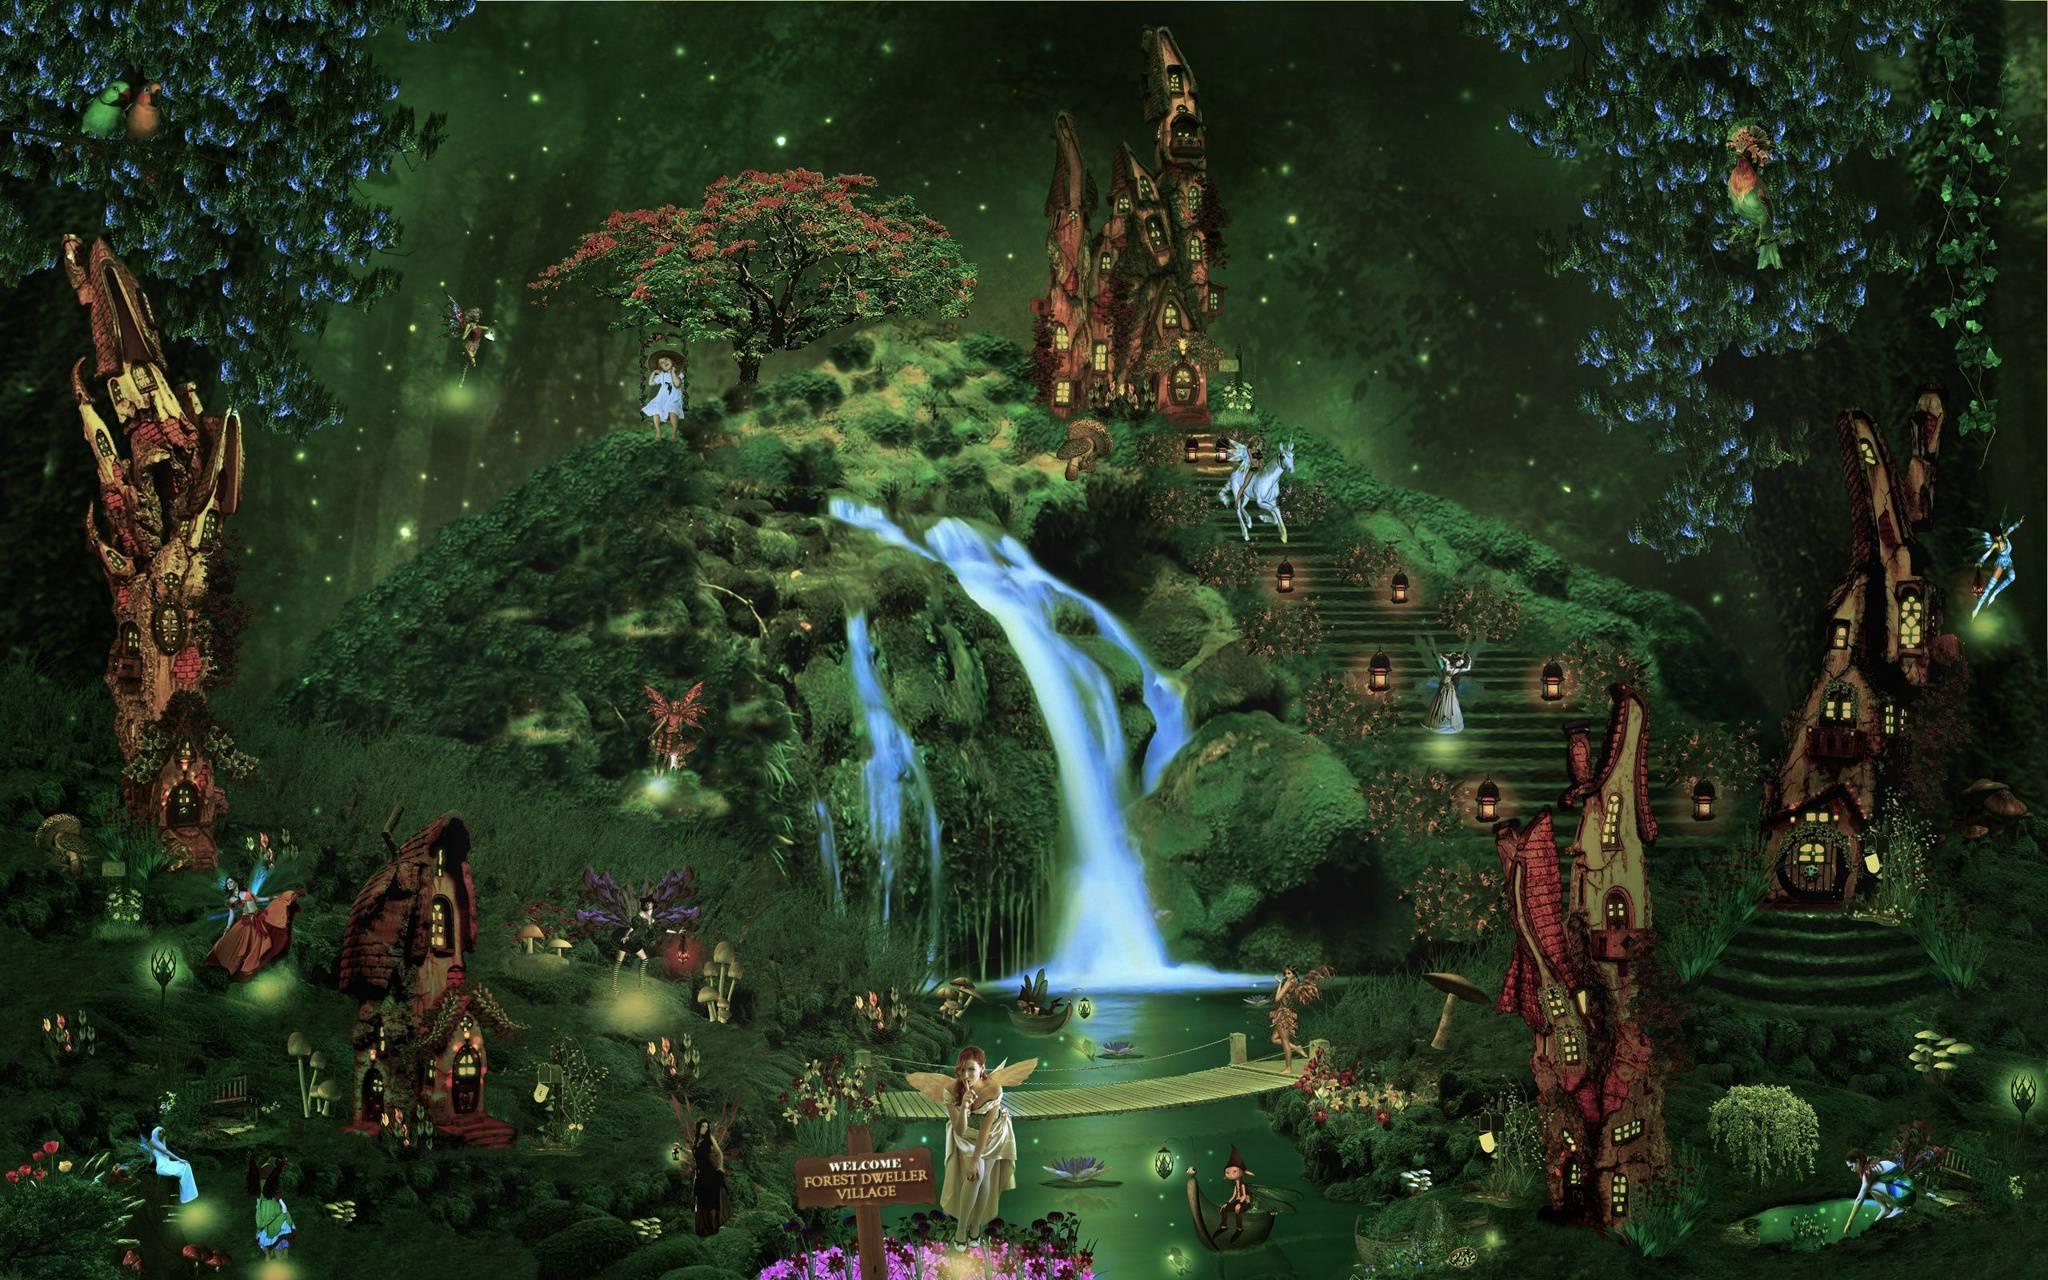 Fairy waterfall wood